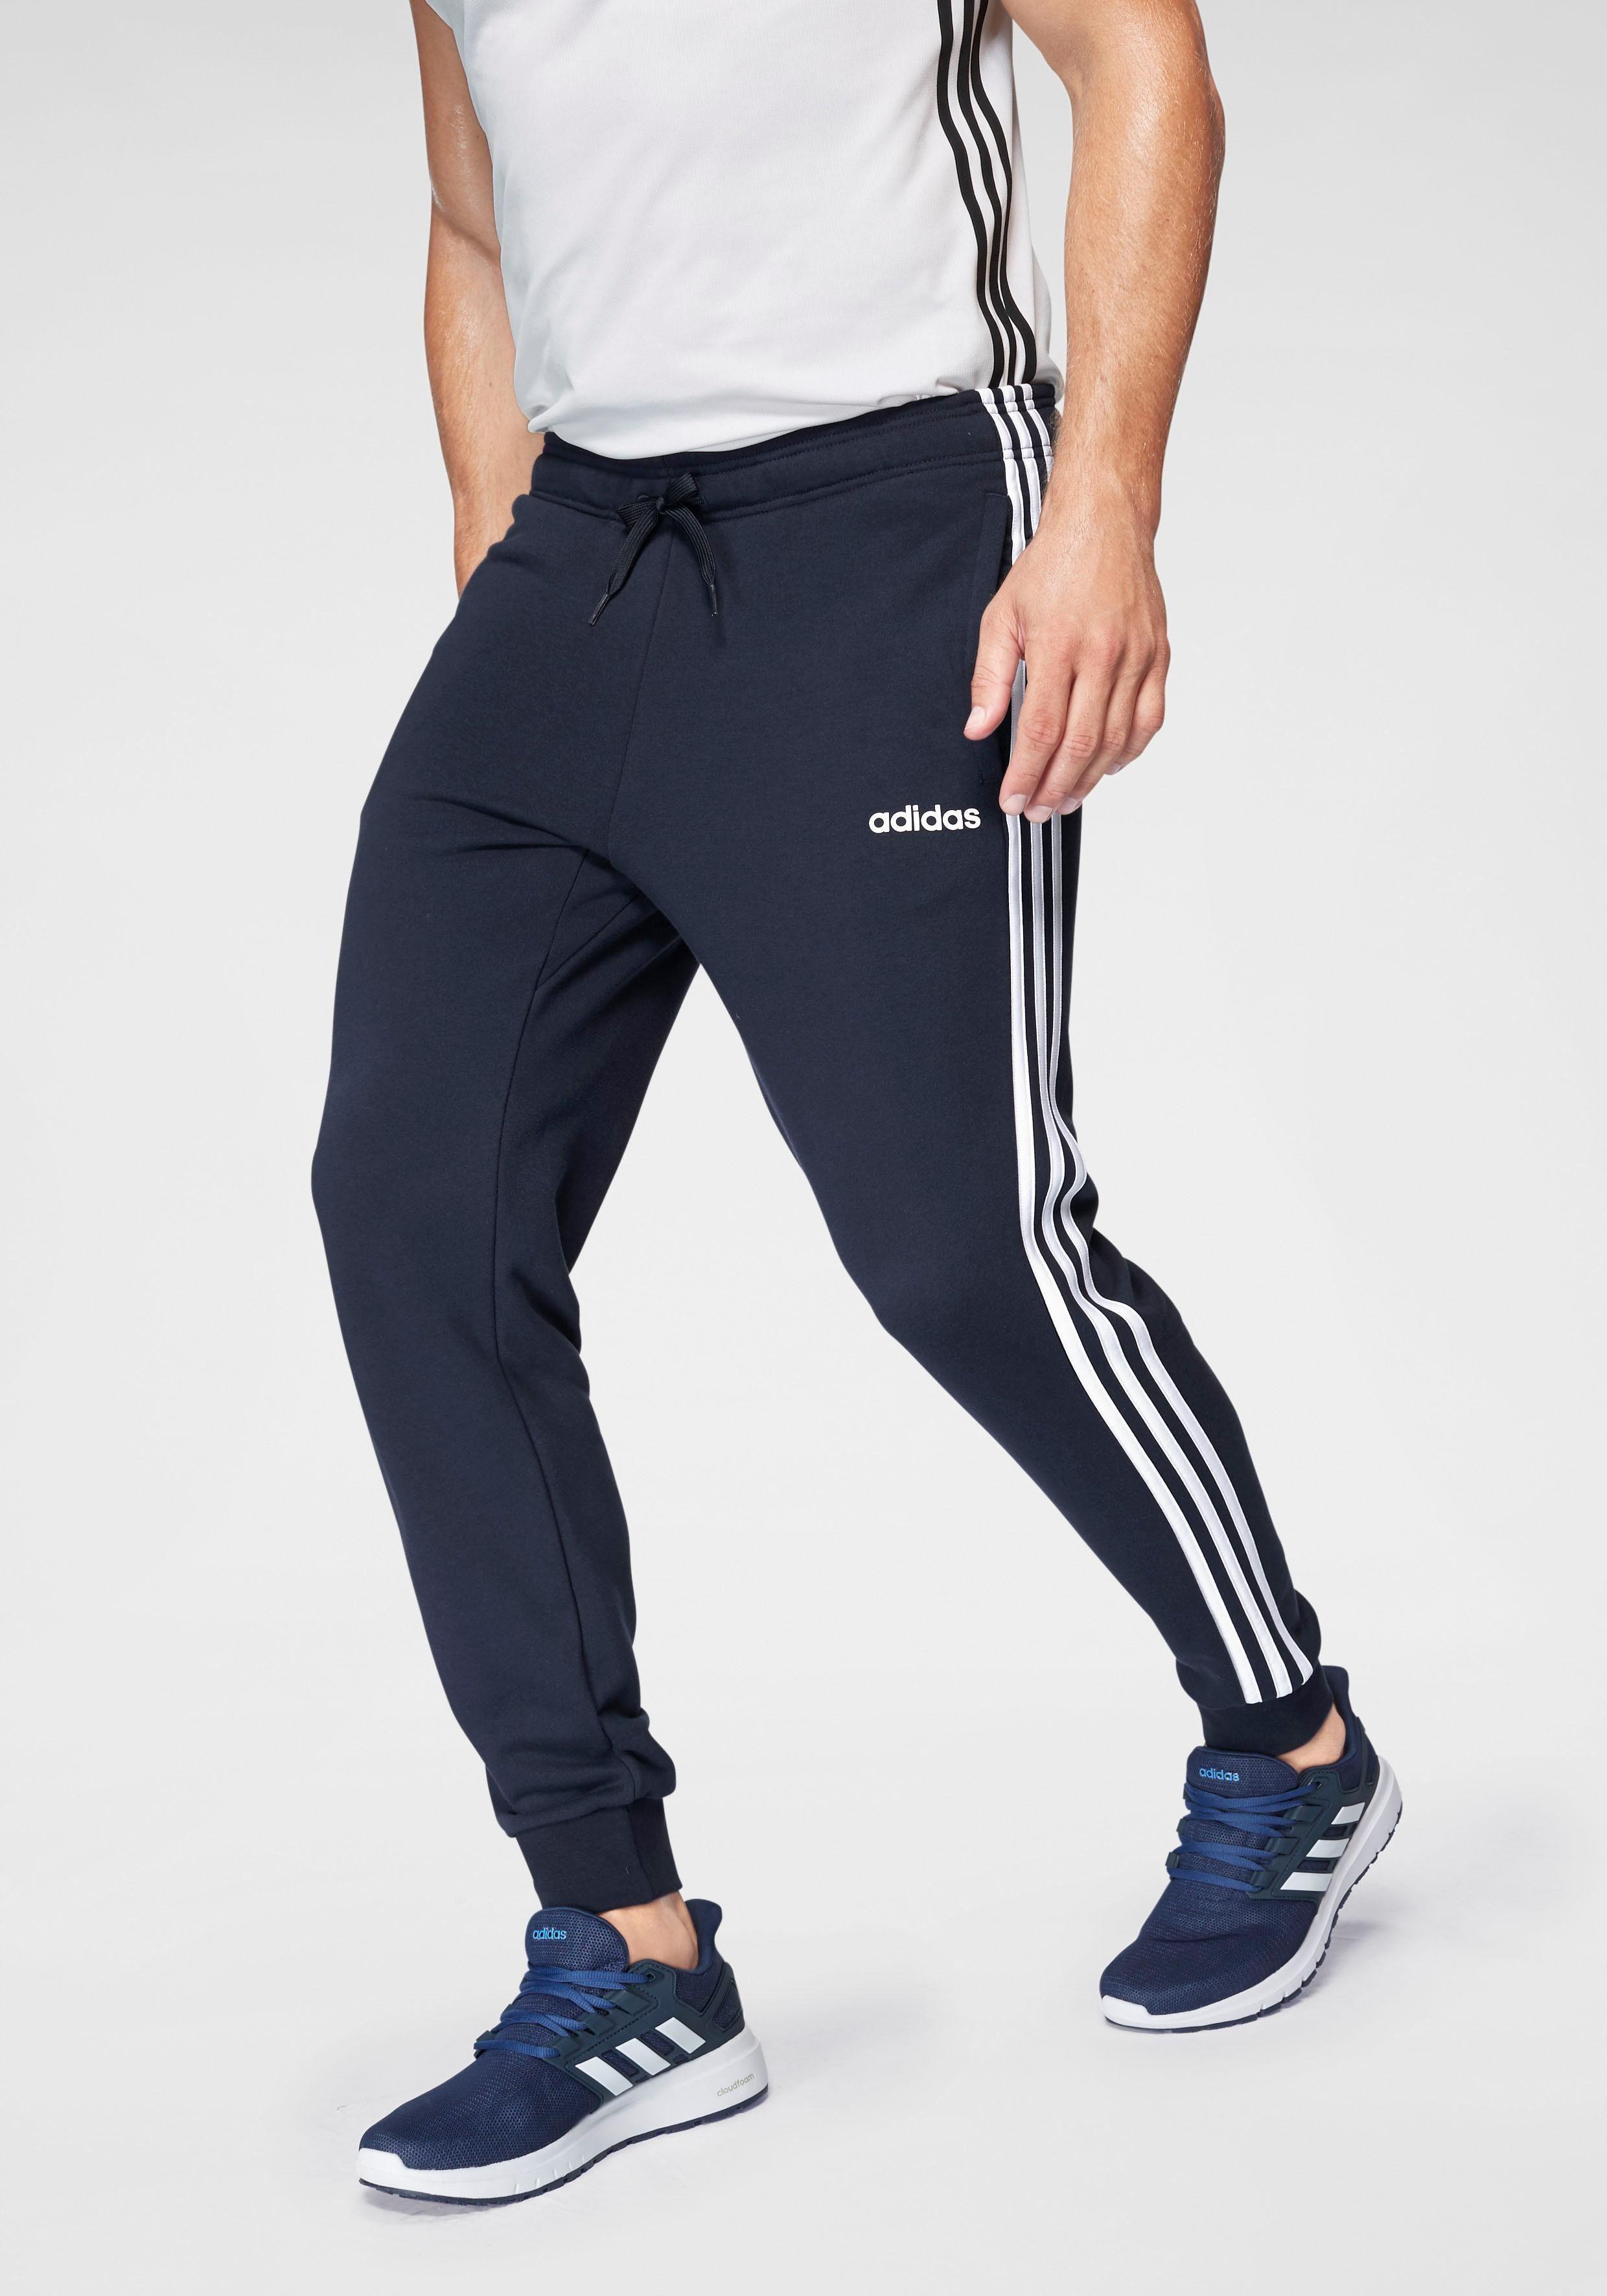 adidas e2 stripes t pant ft